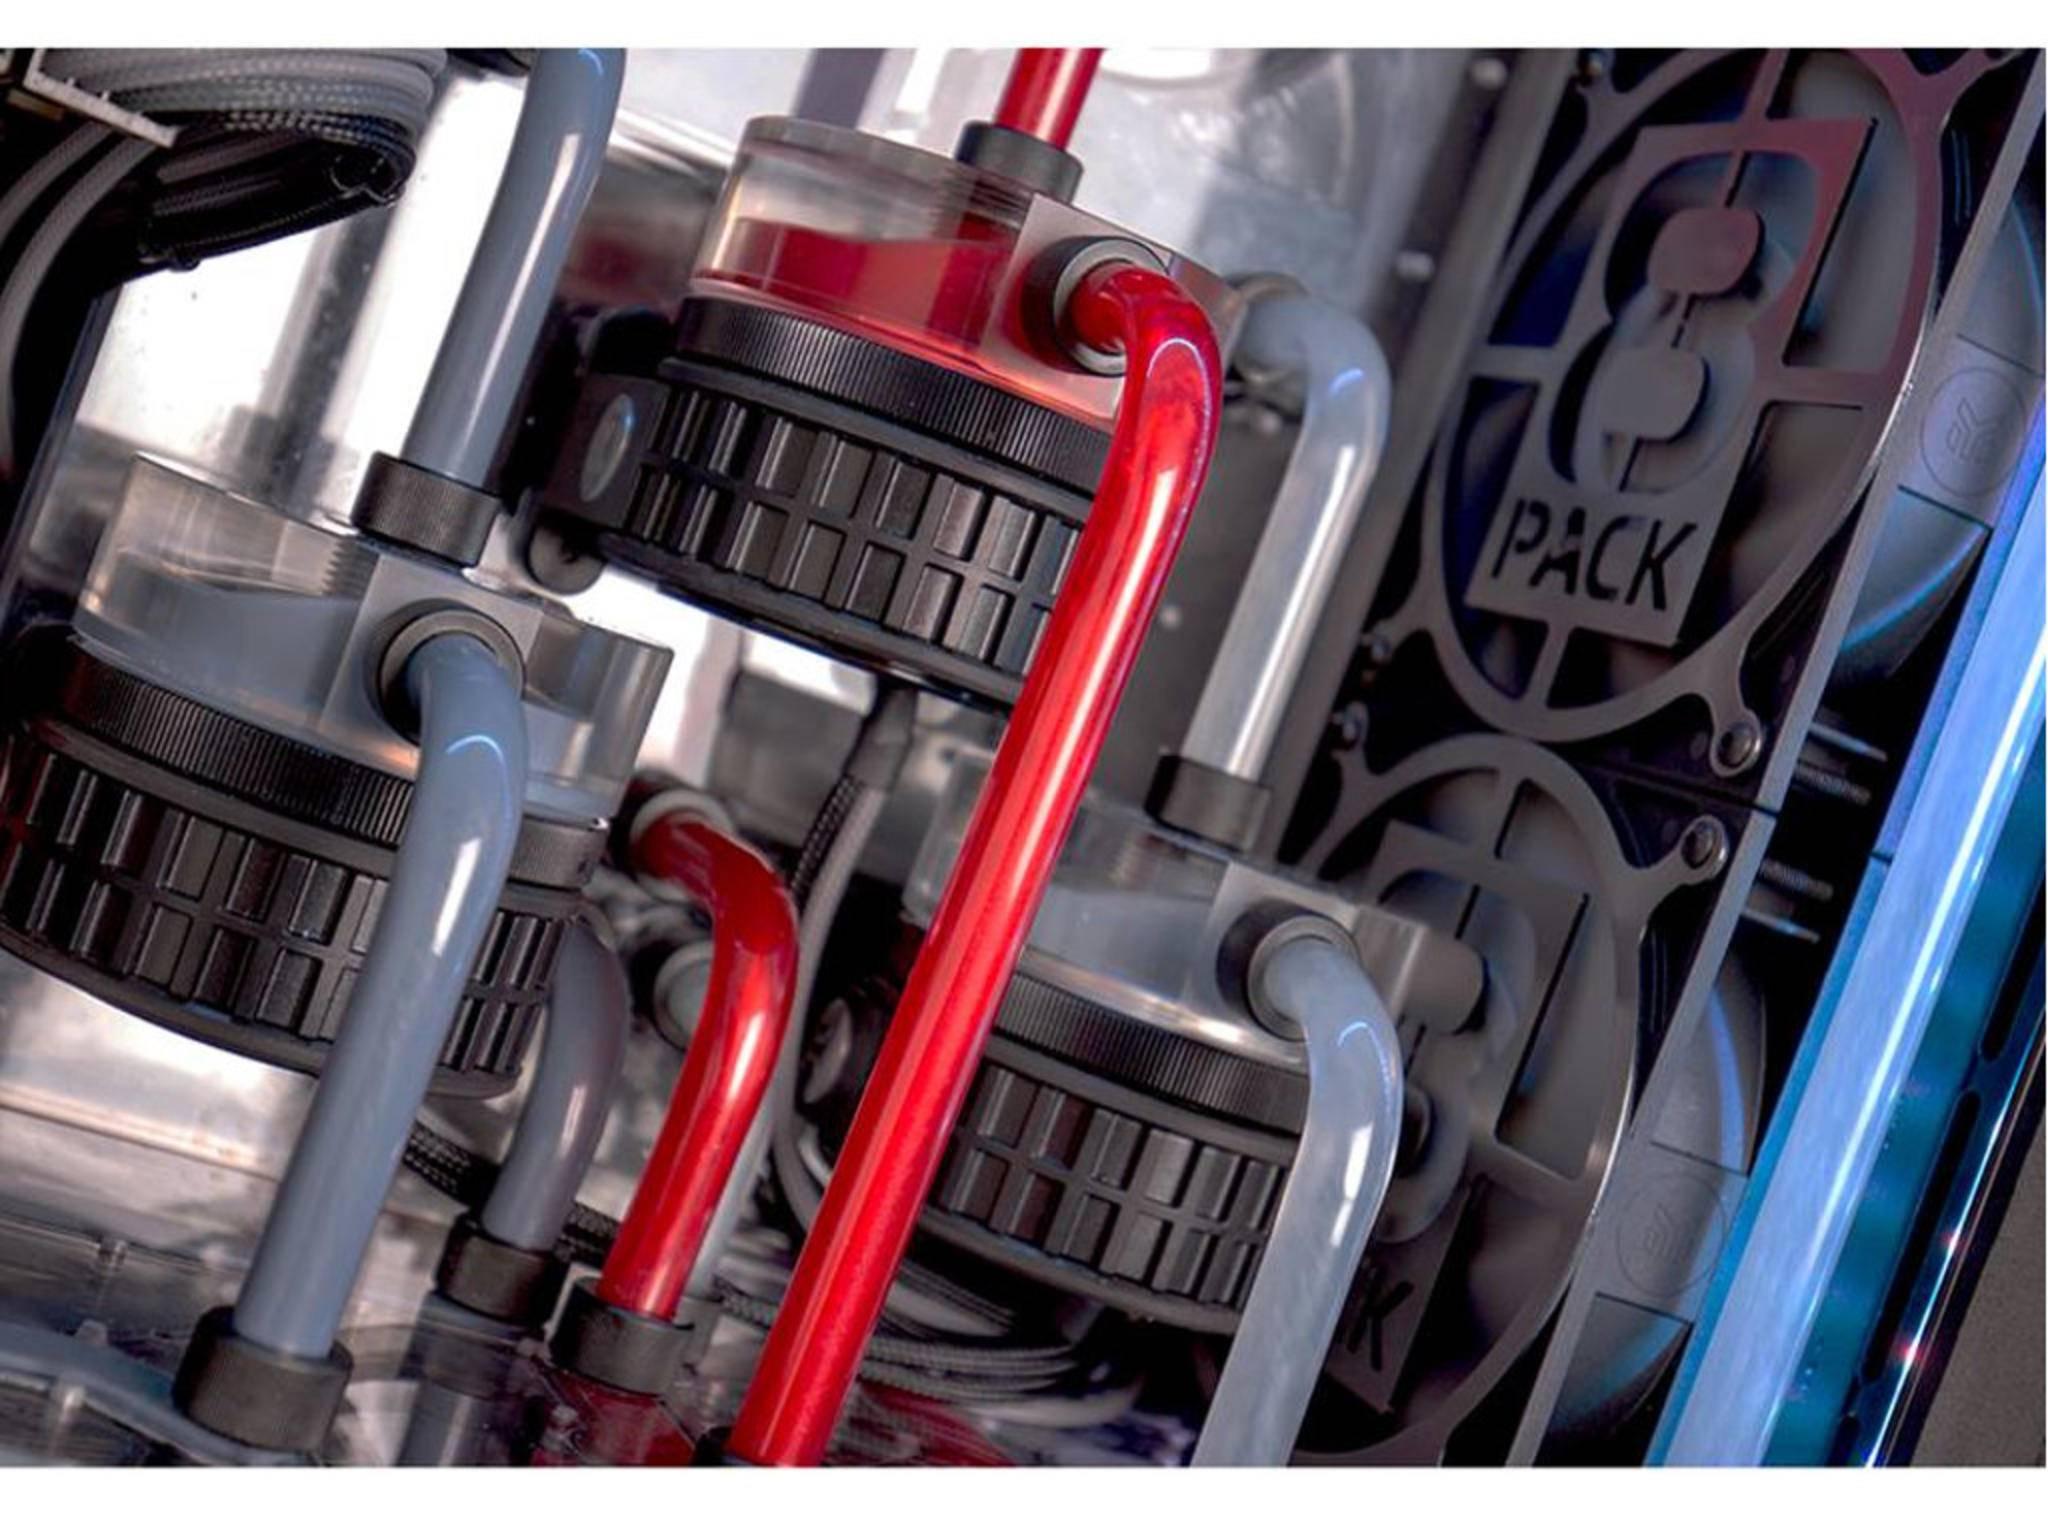 Drei getrennte Kühlkreisläufe sorgen für angenehme Temperatur.